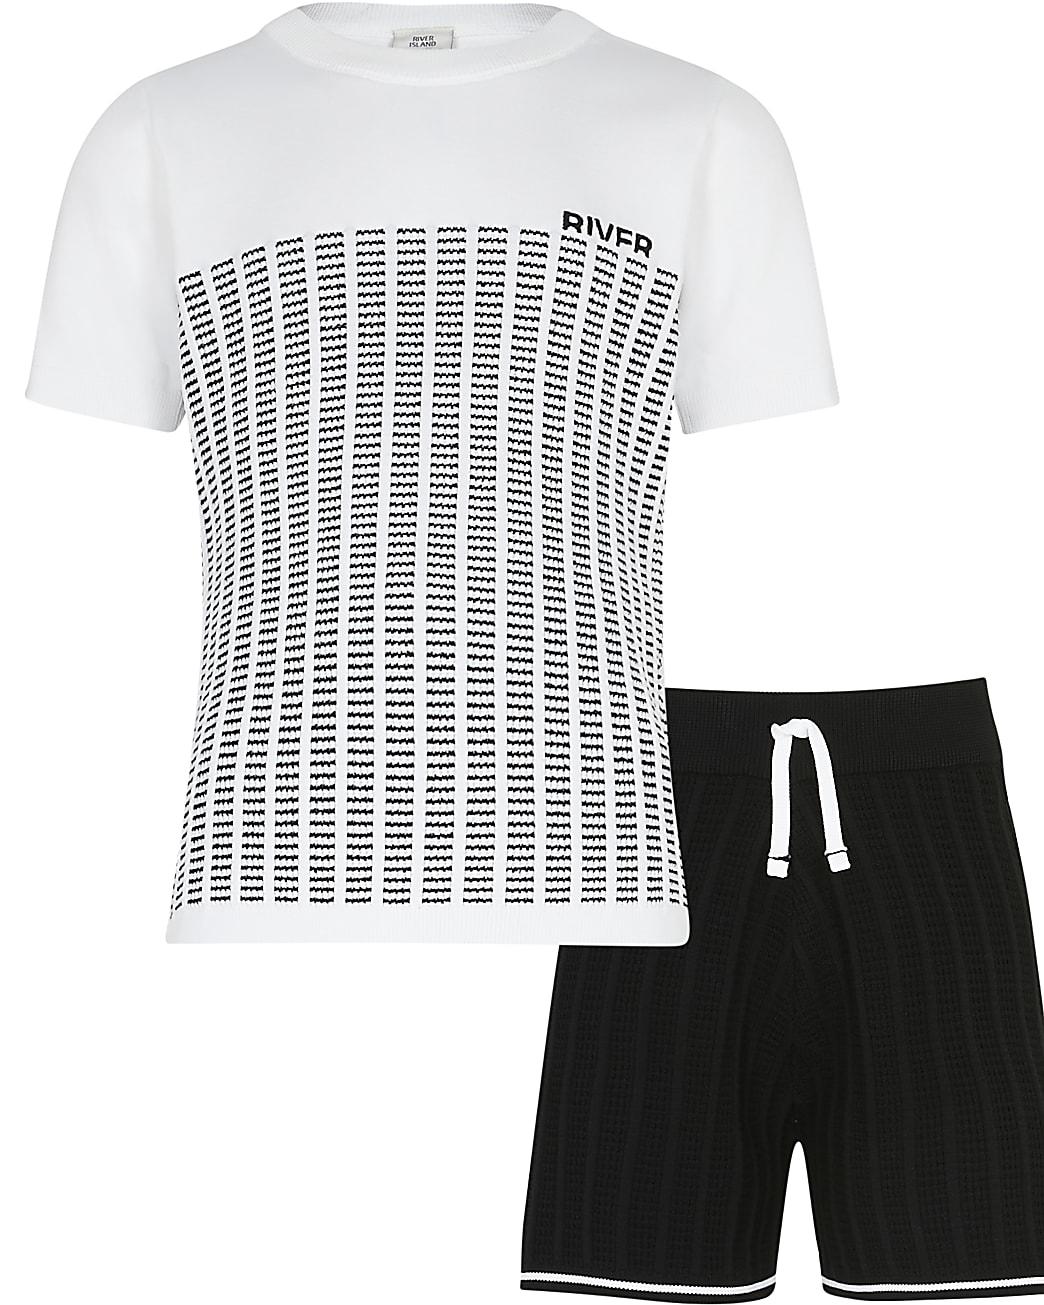 Age 13+ boys white stripe knit t-shirt outfit